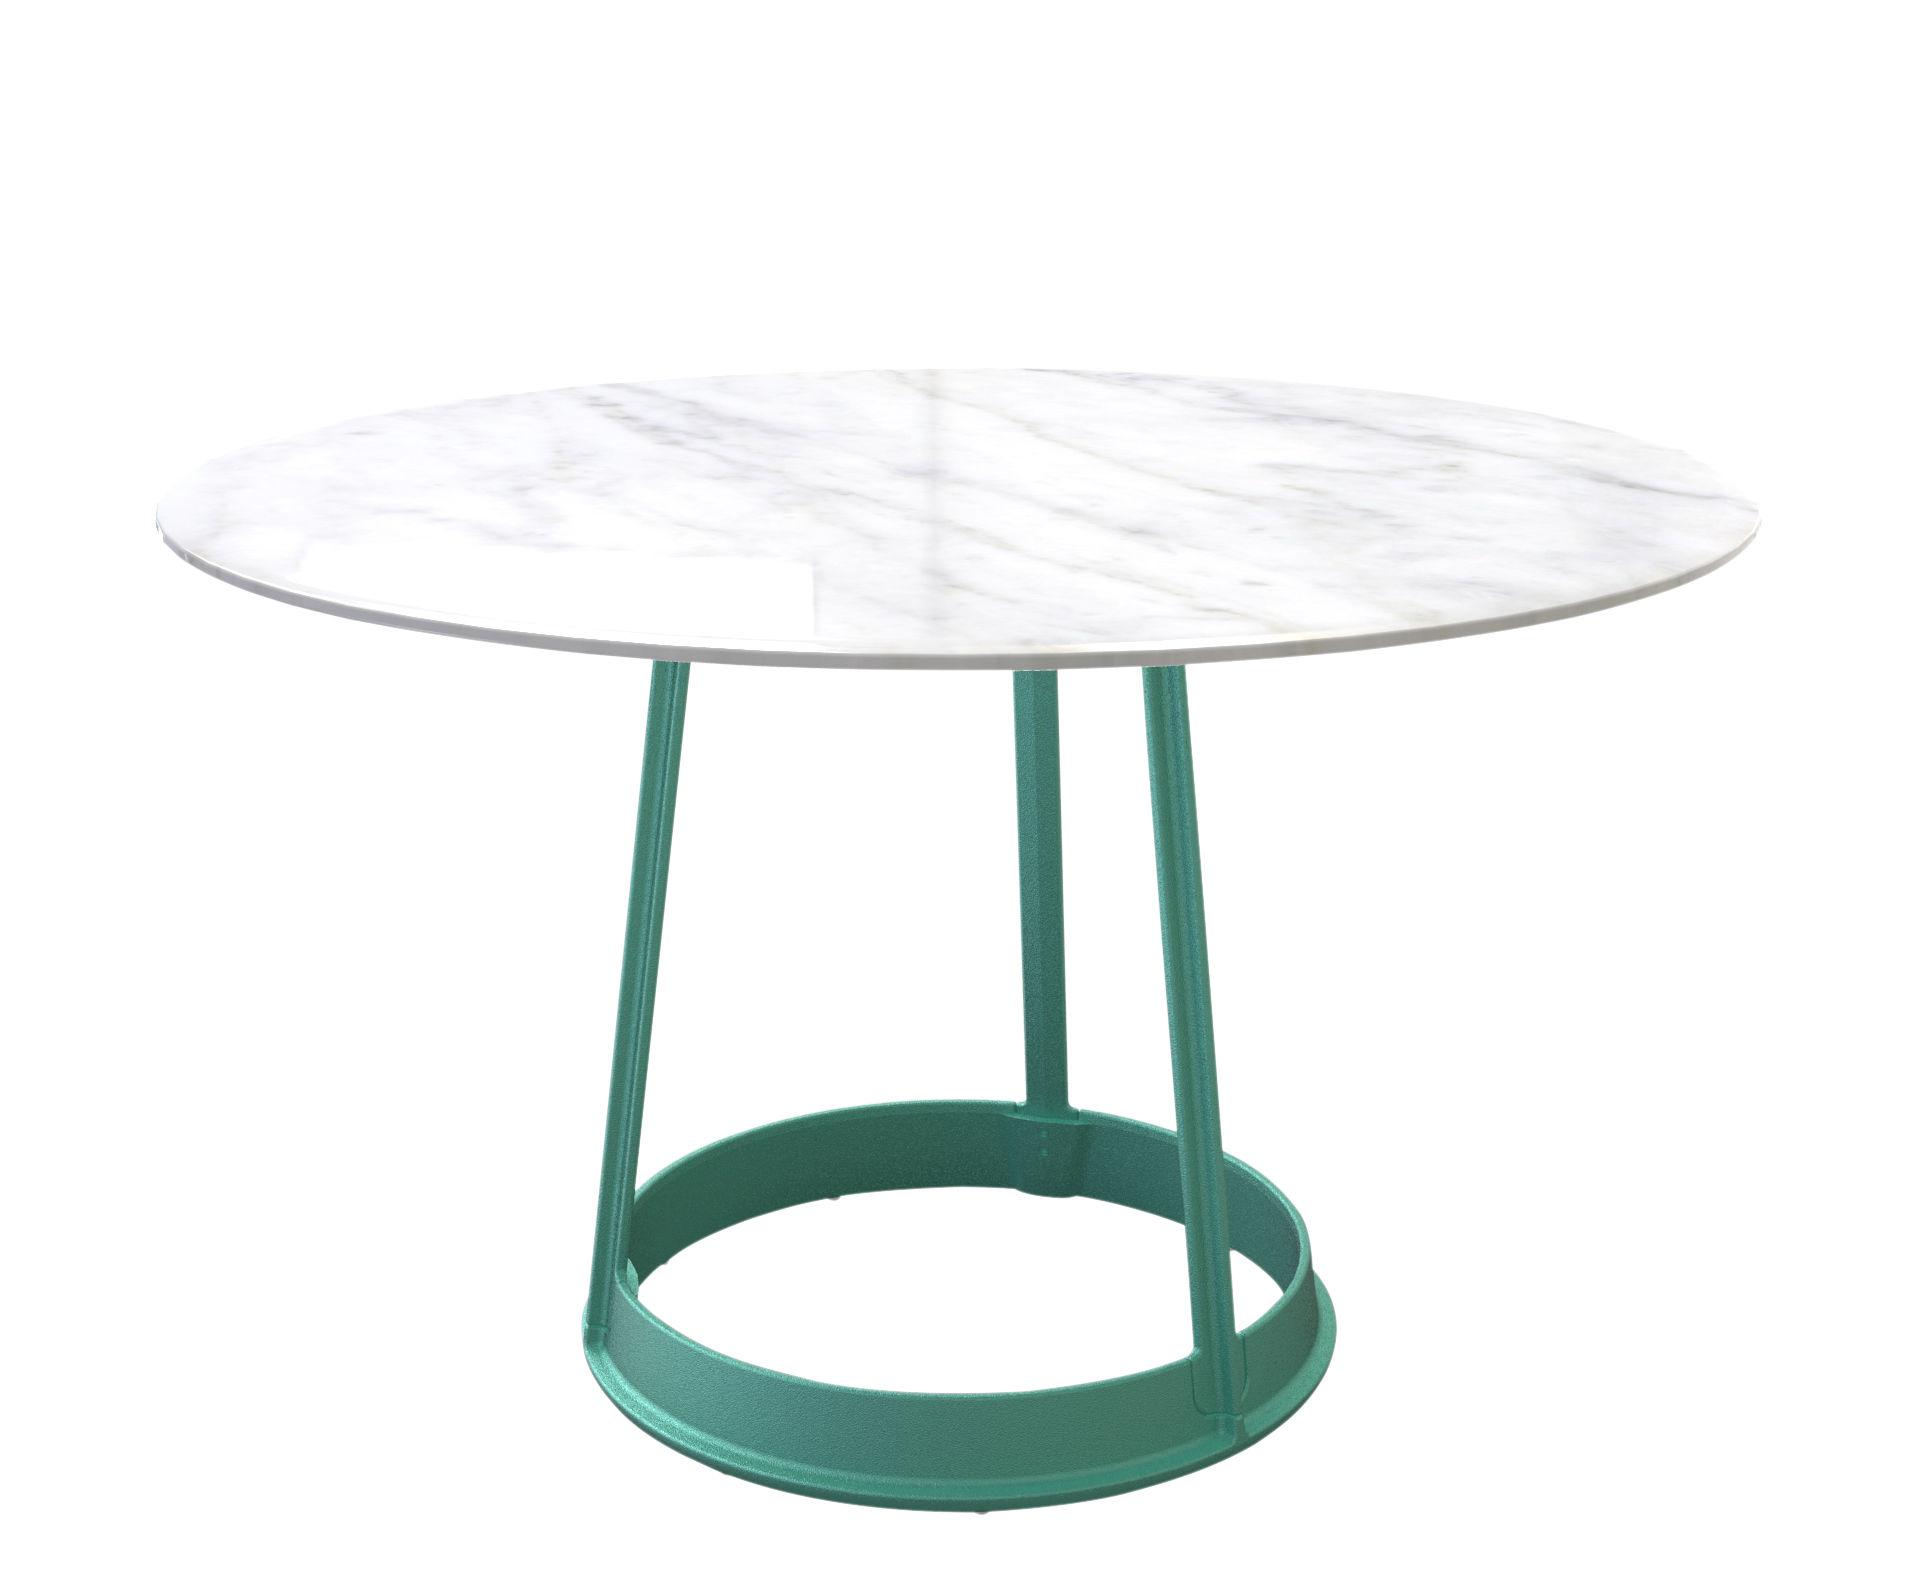 Tendenze - A tavola! - Tavolo rotondo Brut - / Marmo & lamiera - Ø 130 cm di Magis - Marmo bianco / Piede verde - Ghisa verniciata, Marmo di Carrara